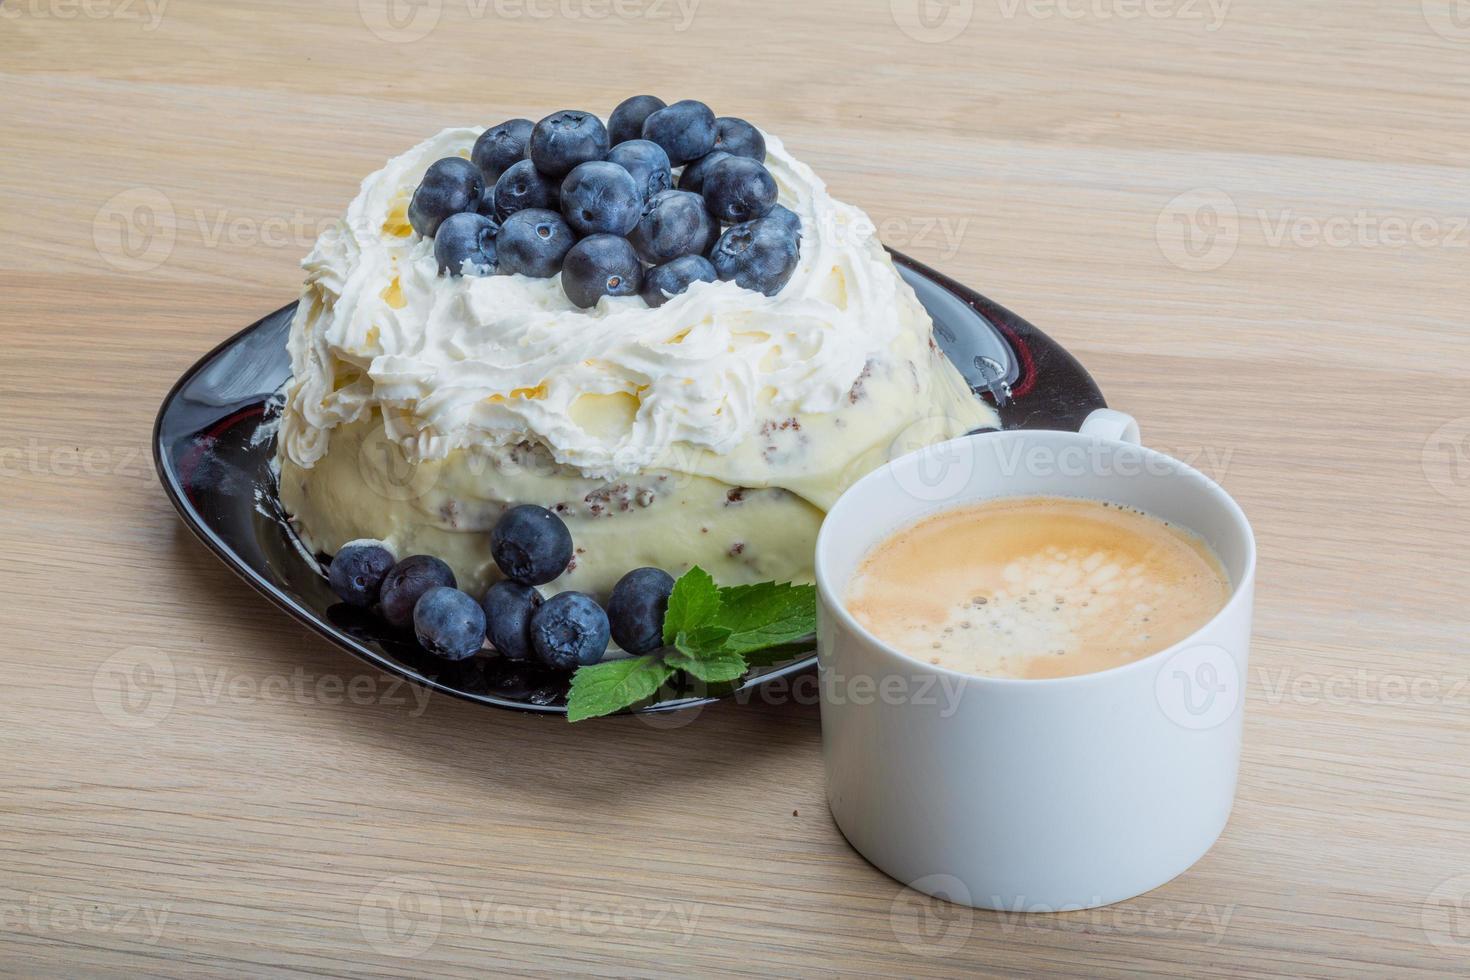 café com bolo de mirtilo foto